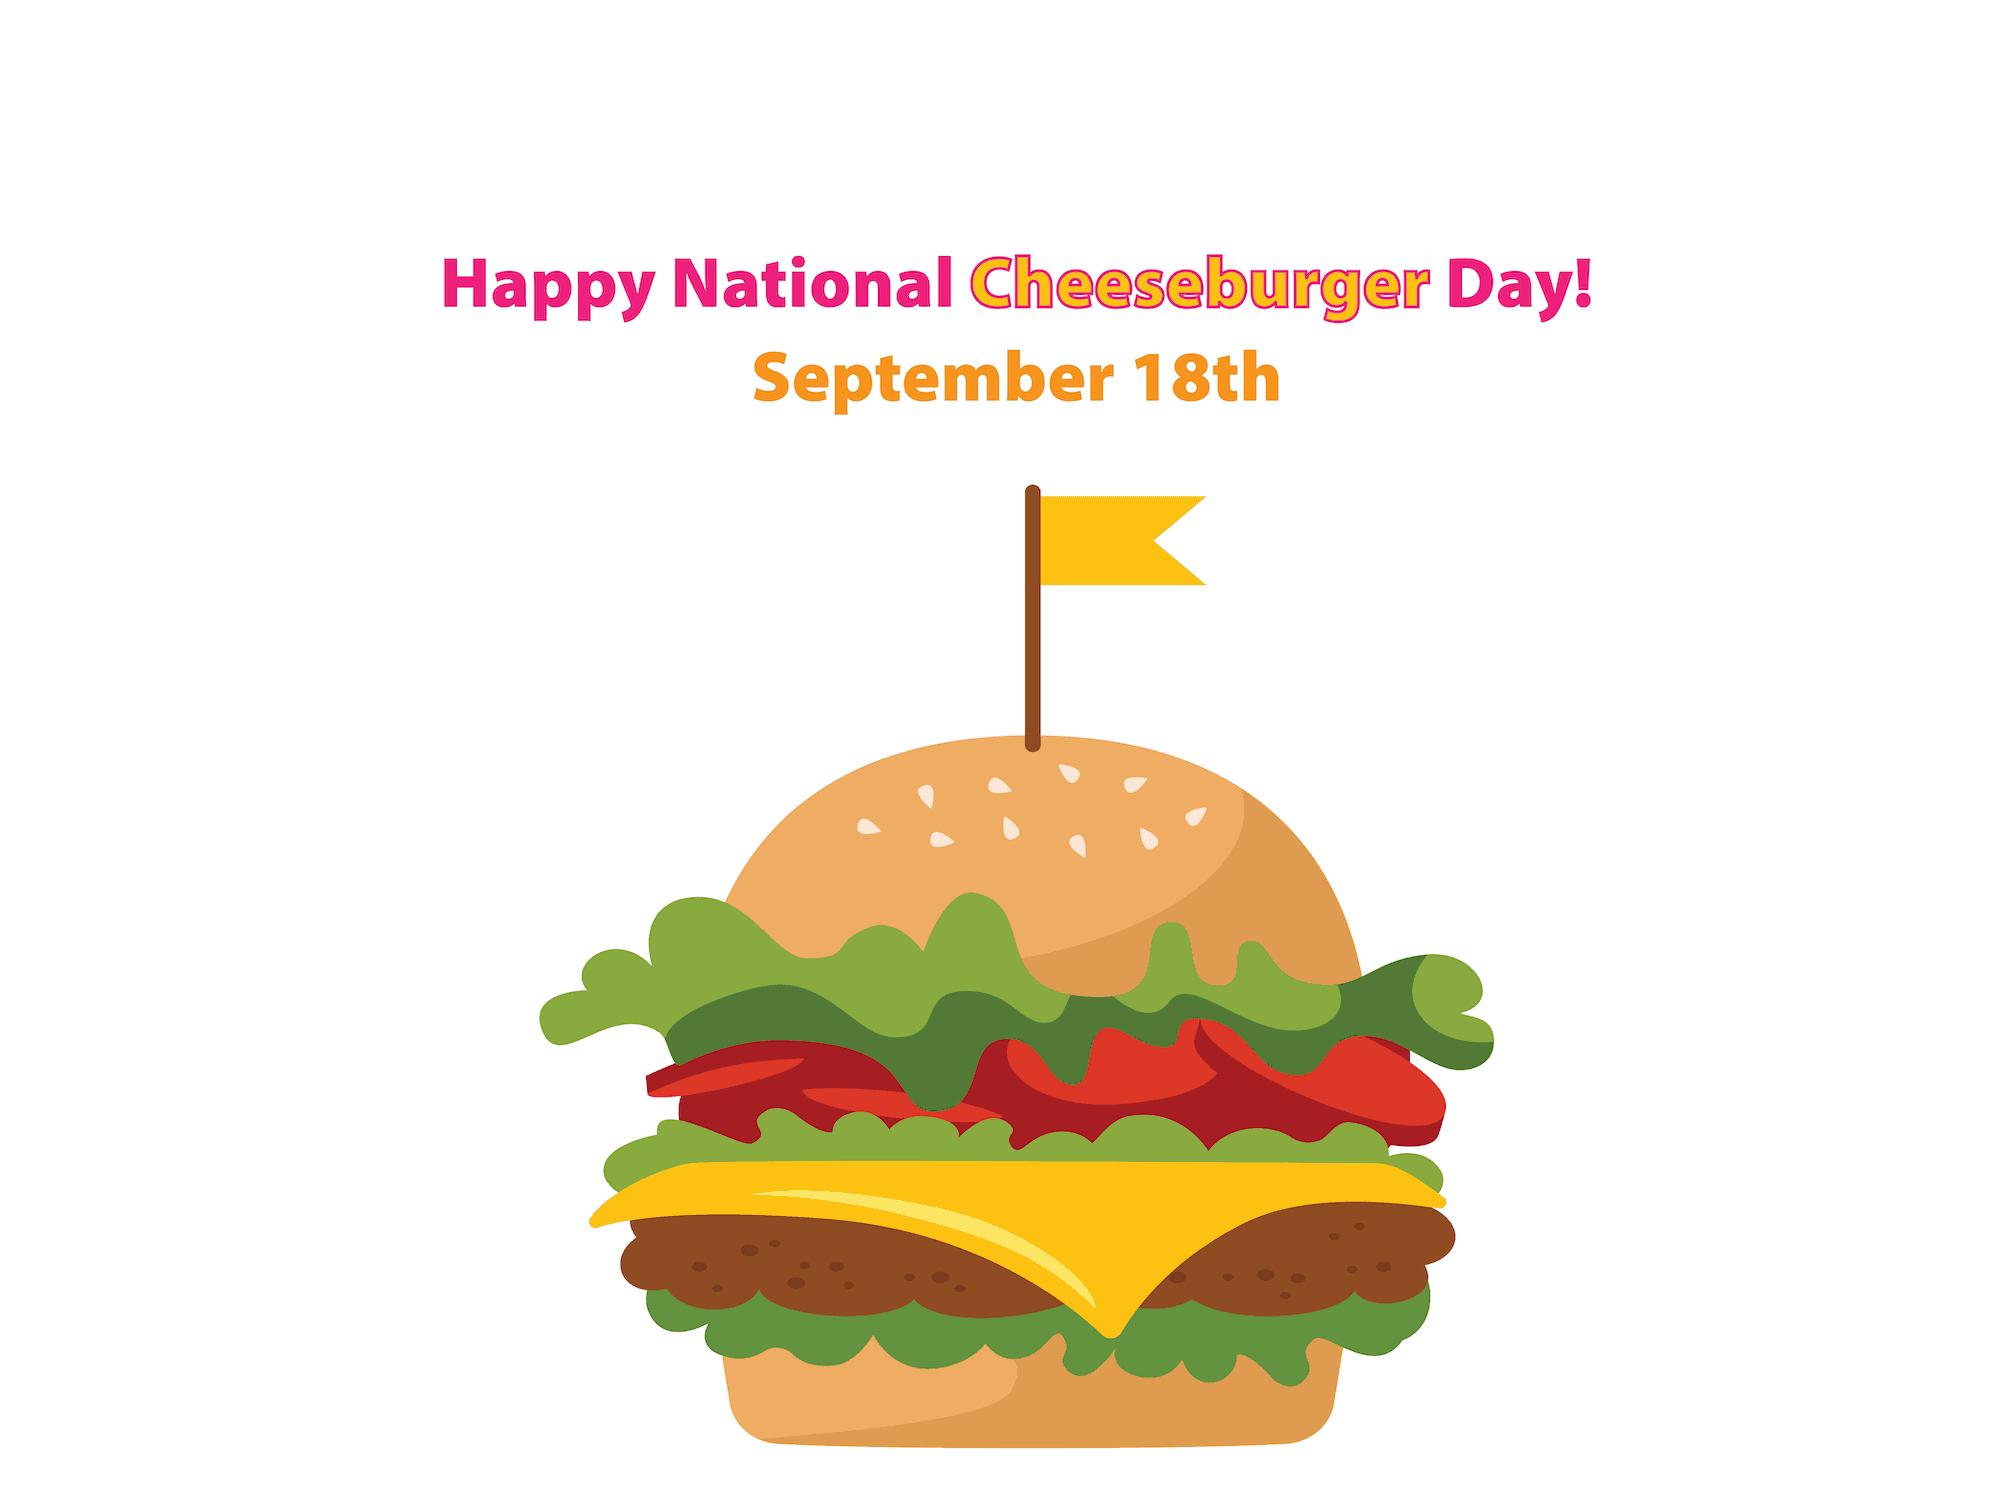 National Cheeseburger Day Morgantown